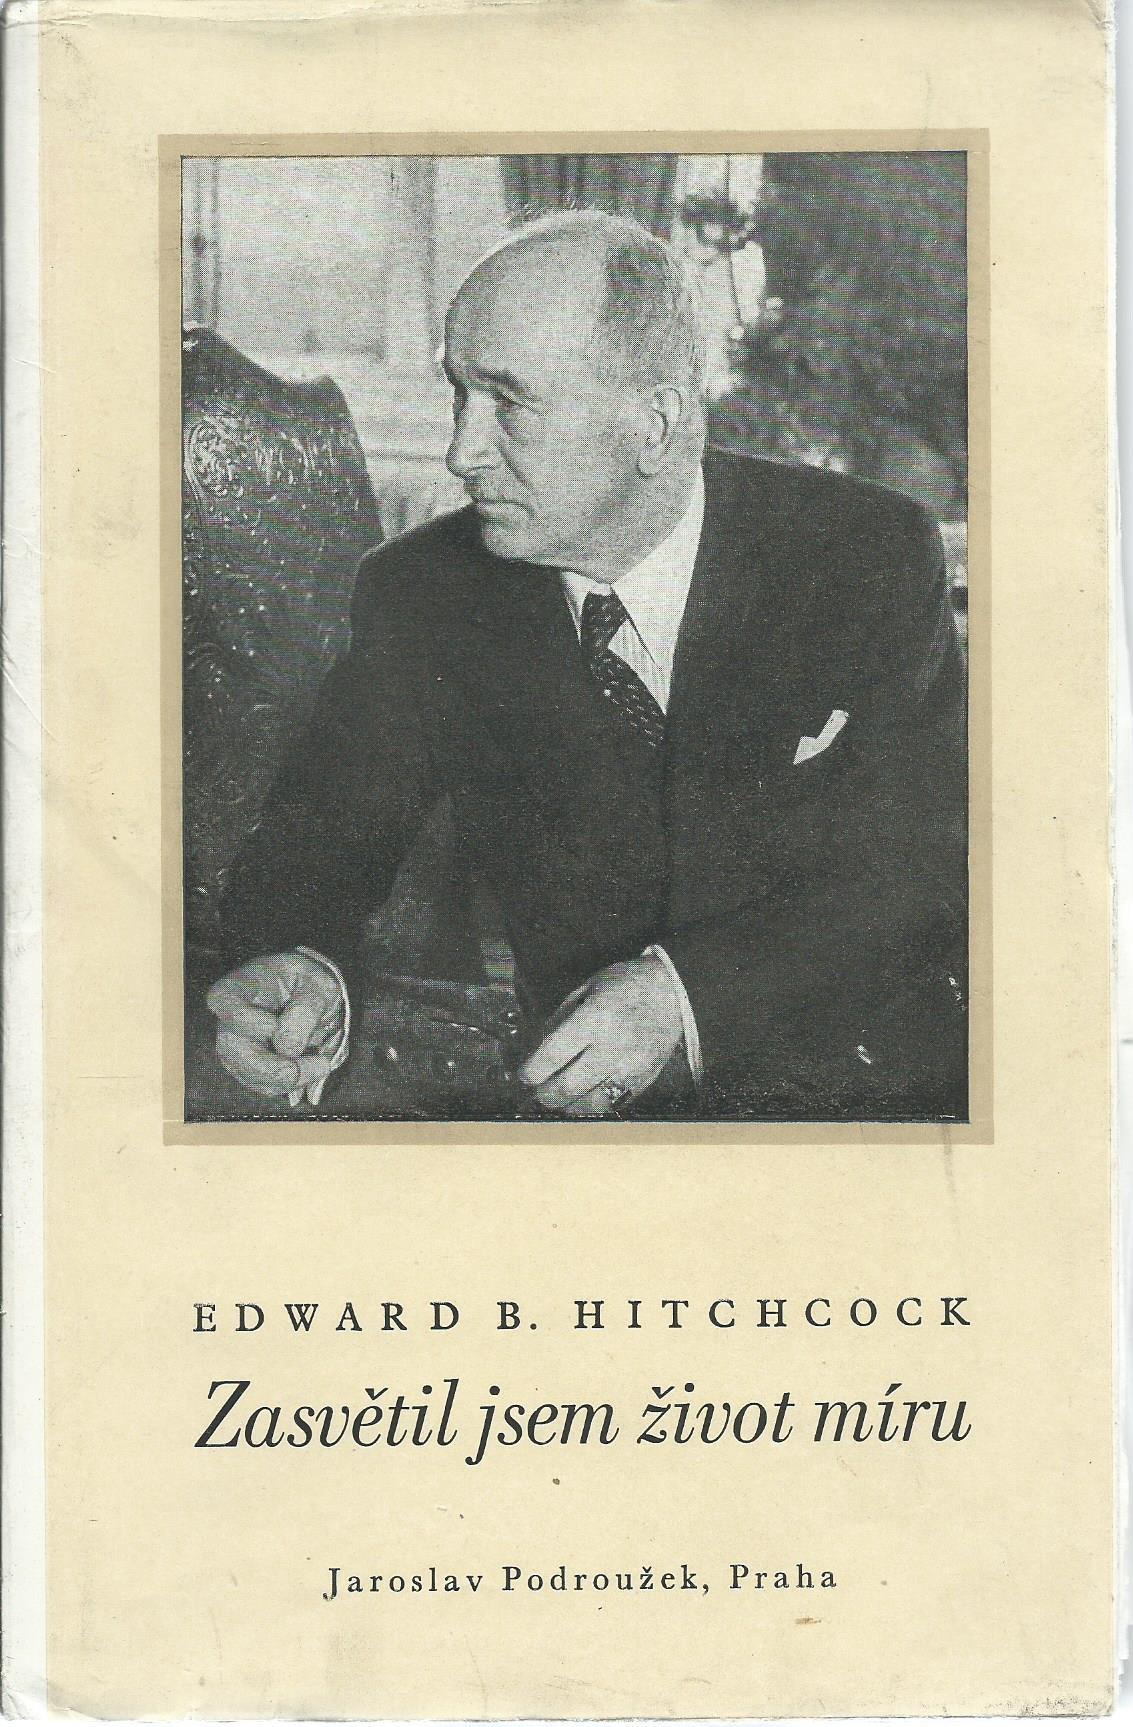 Zasvětil jsem život míru - Edward B. Hitchcock